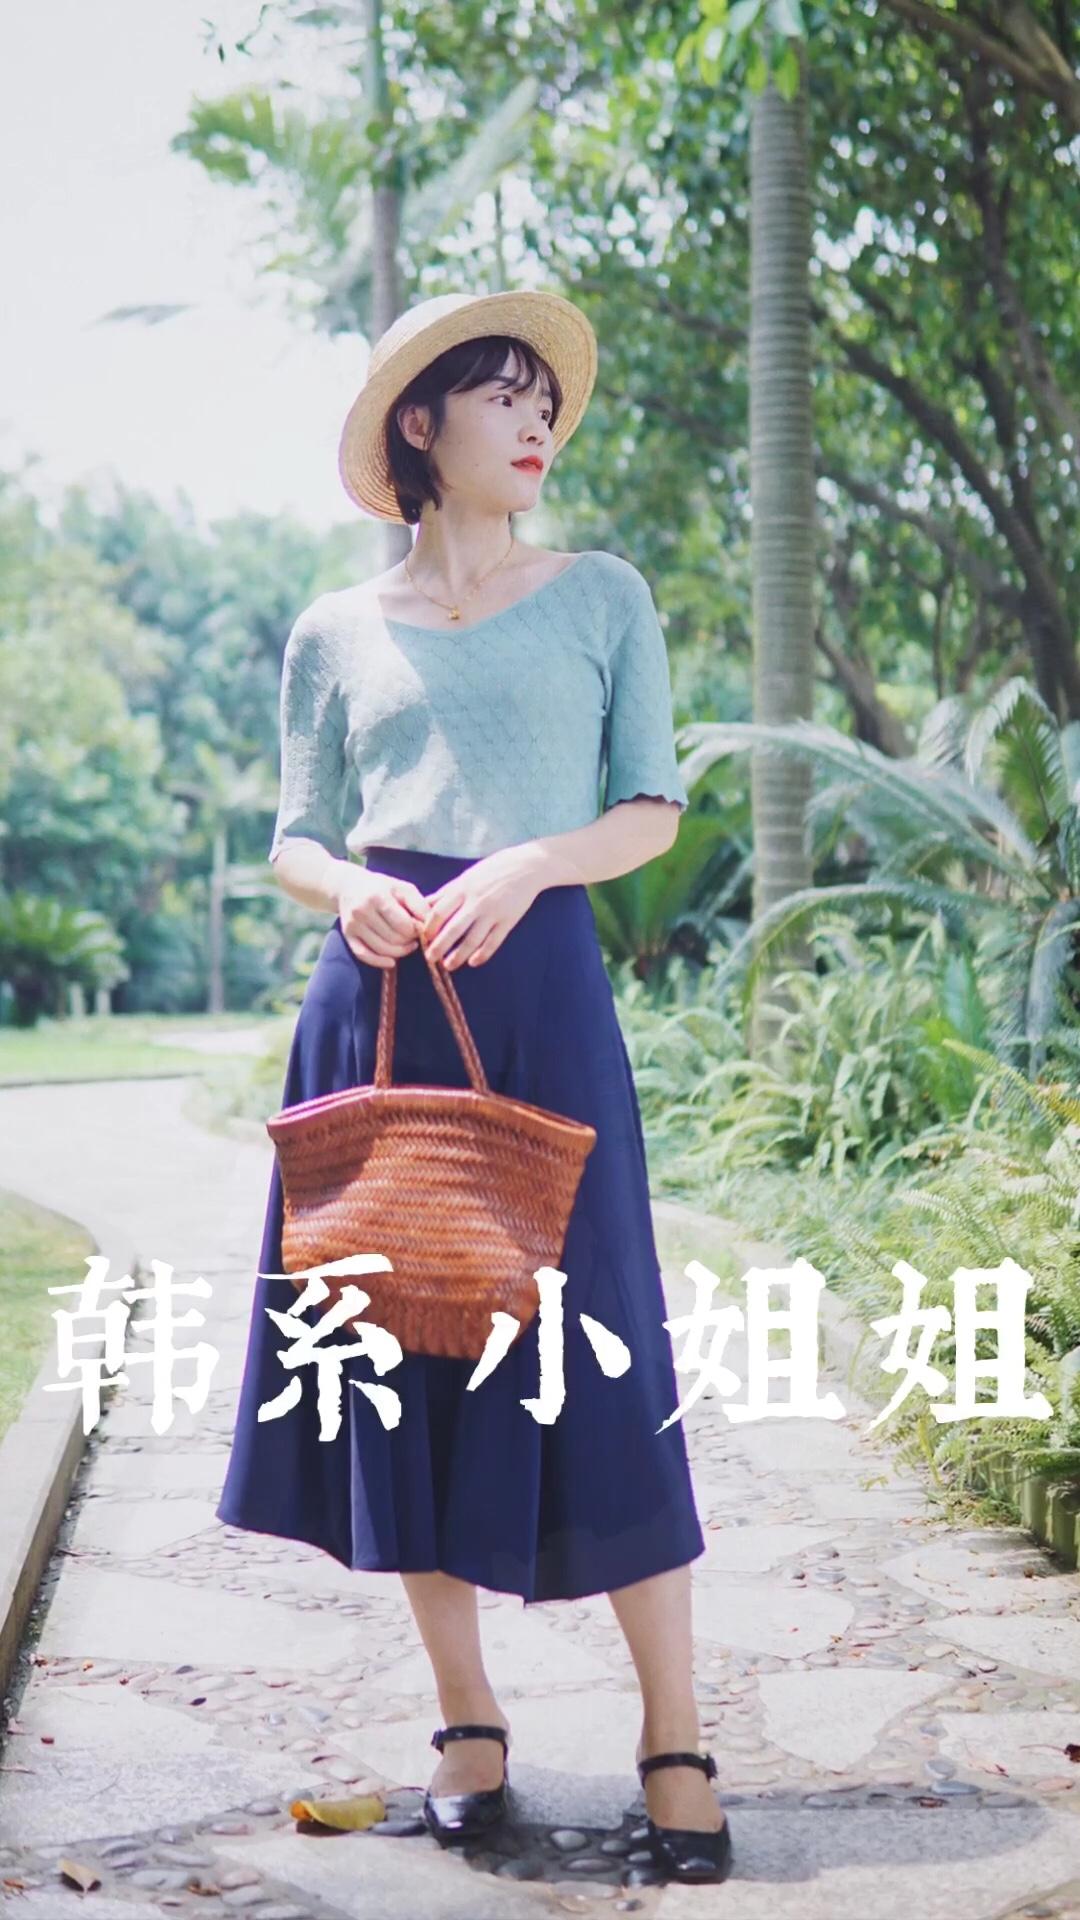 #入秋最靓!韩系小姐姐风#  绿色配蓝色原来那么和谐又气质!针织上衣温柔知性,特别适合夏末秋初的天气,天冷外面加风衣或西装外套都可以,搭配的这条显瘦的半裙,面料光泽又垂坠感十足,温柔气质的韩系小姐姐呀!